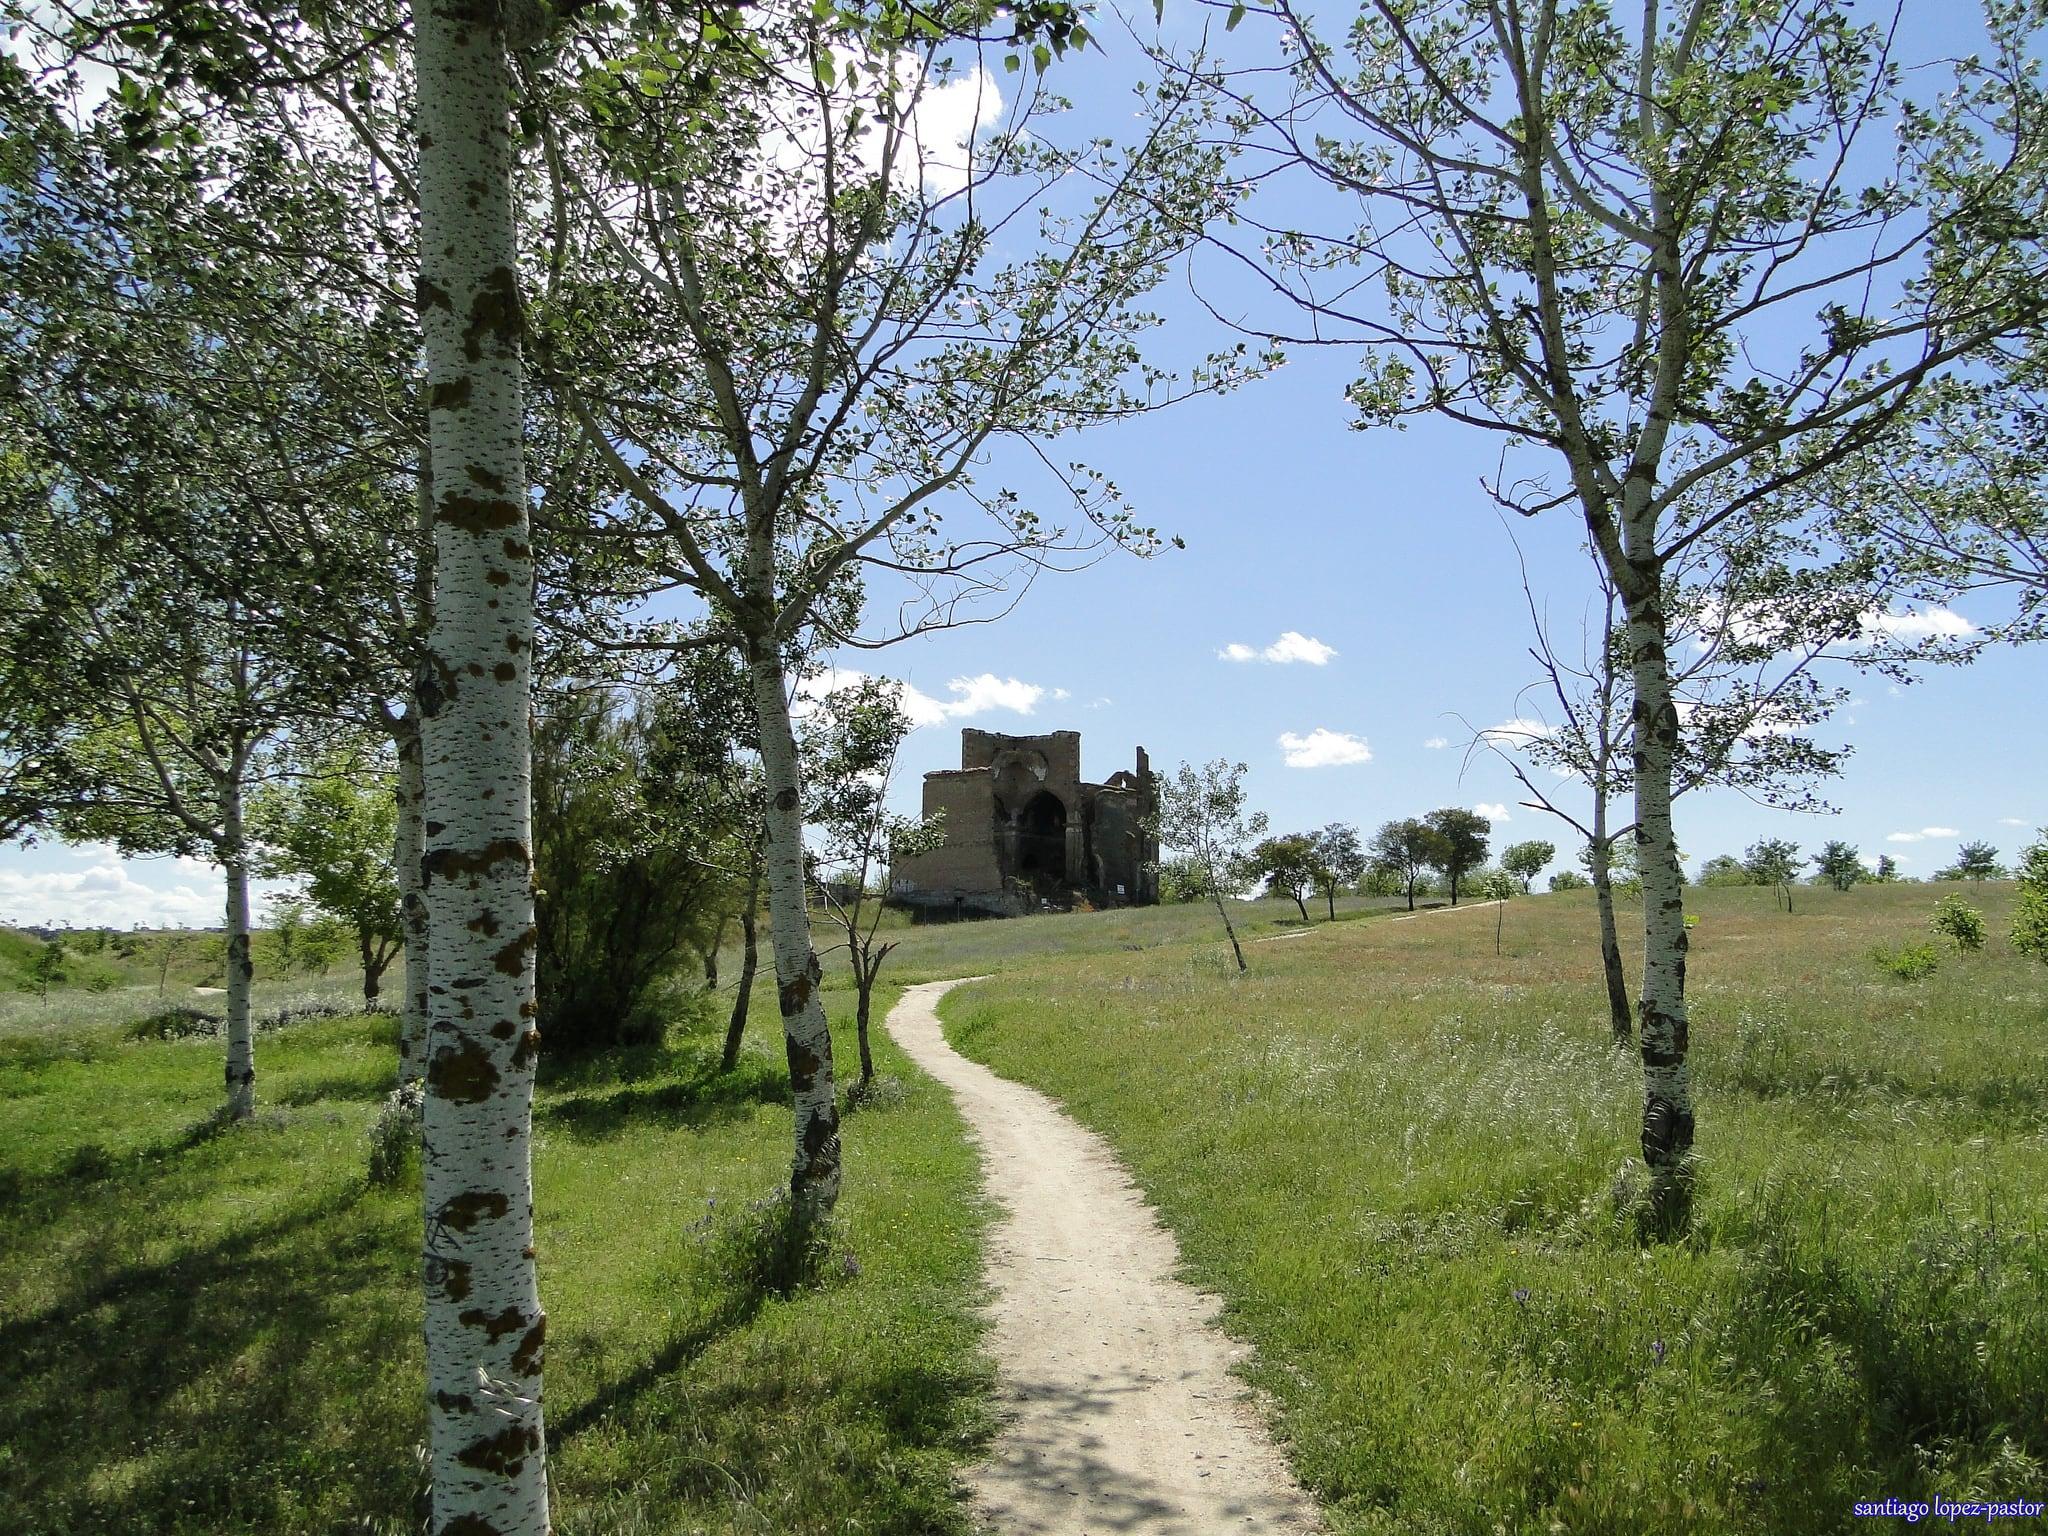 Ruinas de Polvoranca 的形象. madrid park parque españa spain ruinas baroque espagne ruined castilla leganés barroco abandonado parquepolvoranca polvoranca comunidaddemadrid abbandoned